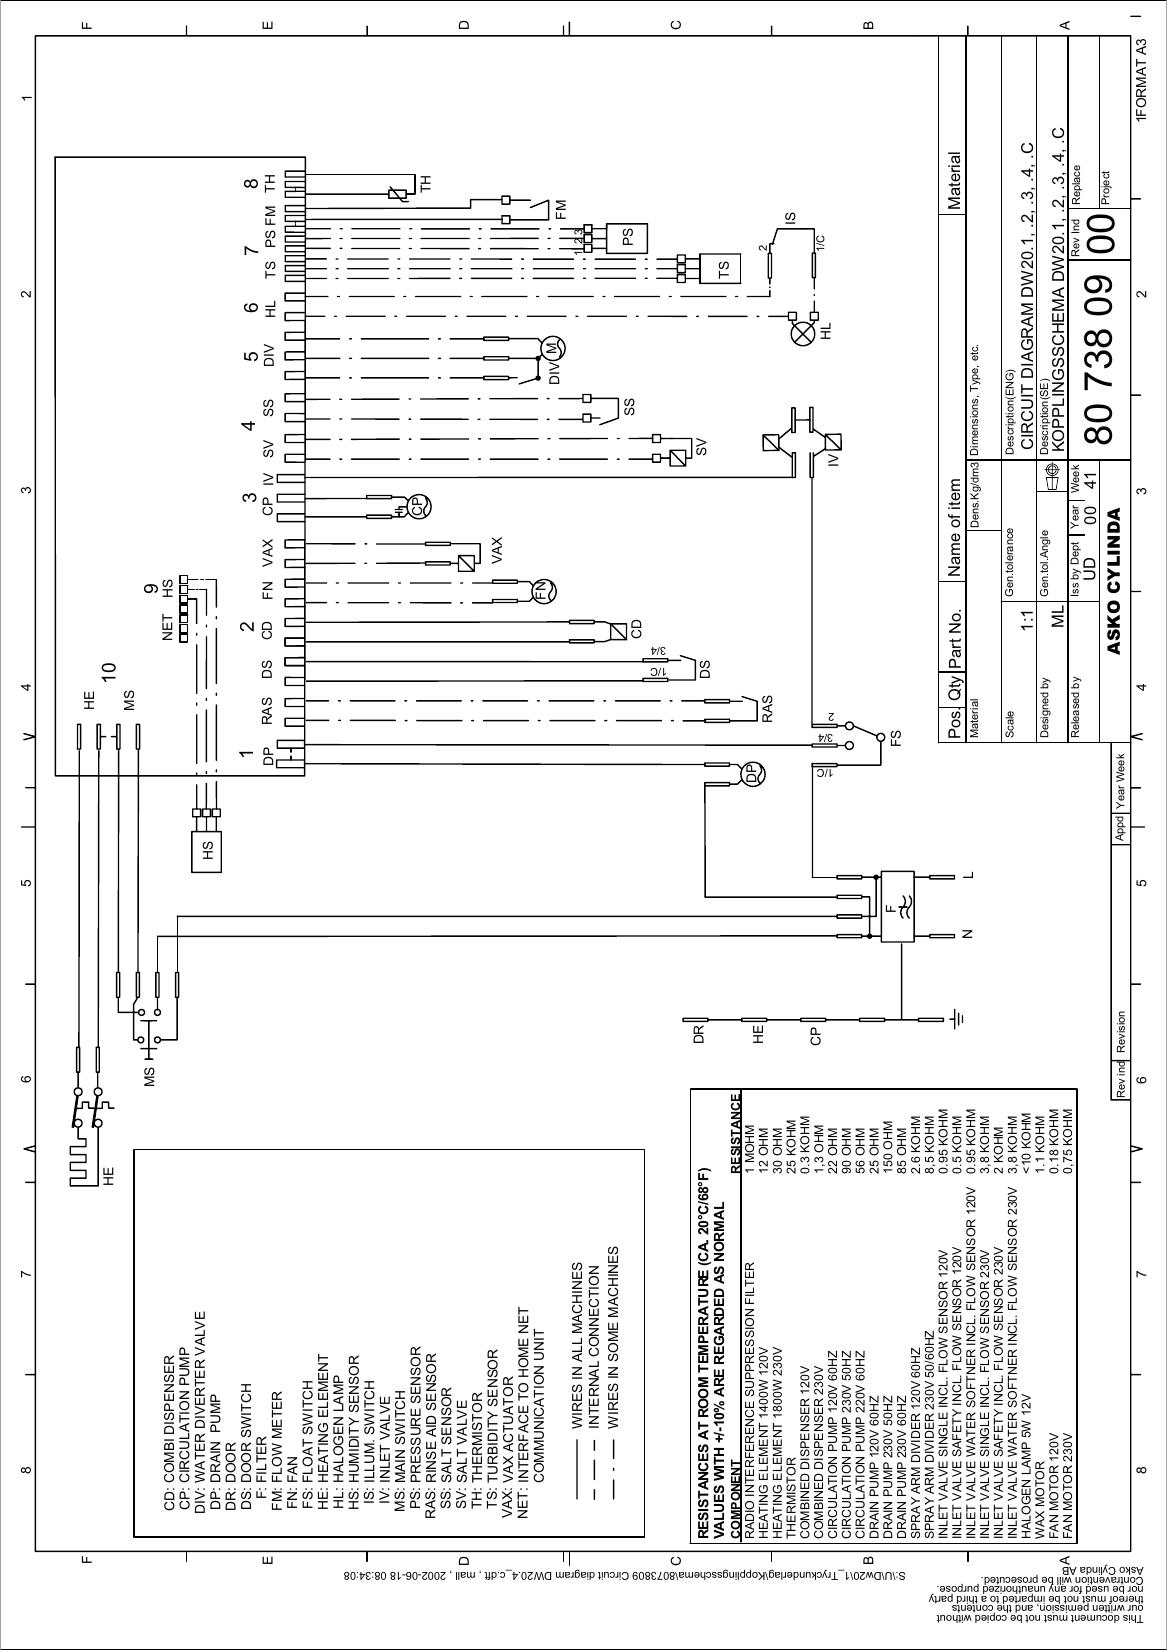 8073809 Circuit Diagram Dw20 00c4 Dft Asko Dishwasher Dw20